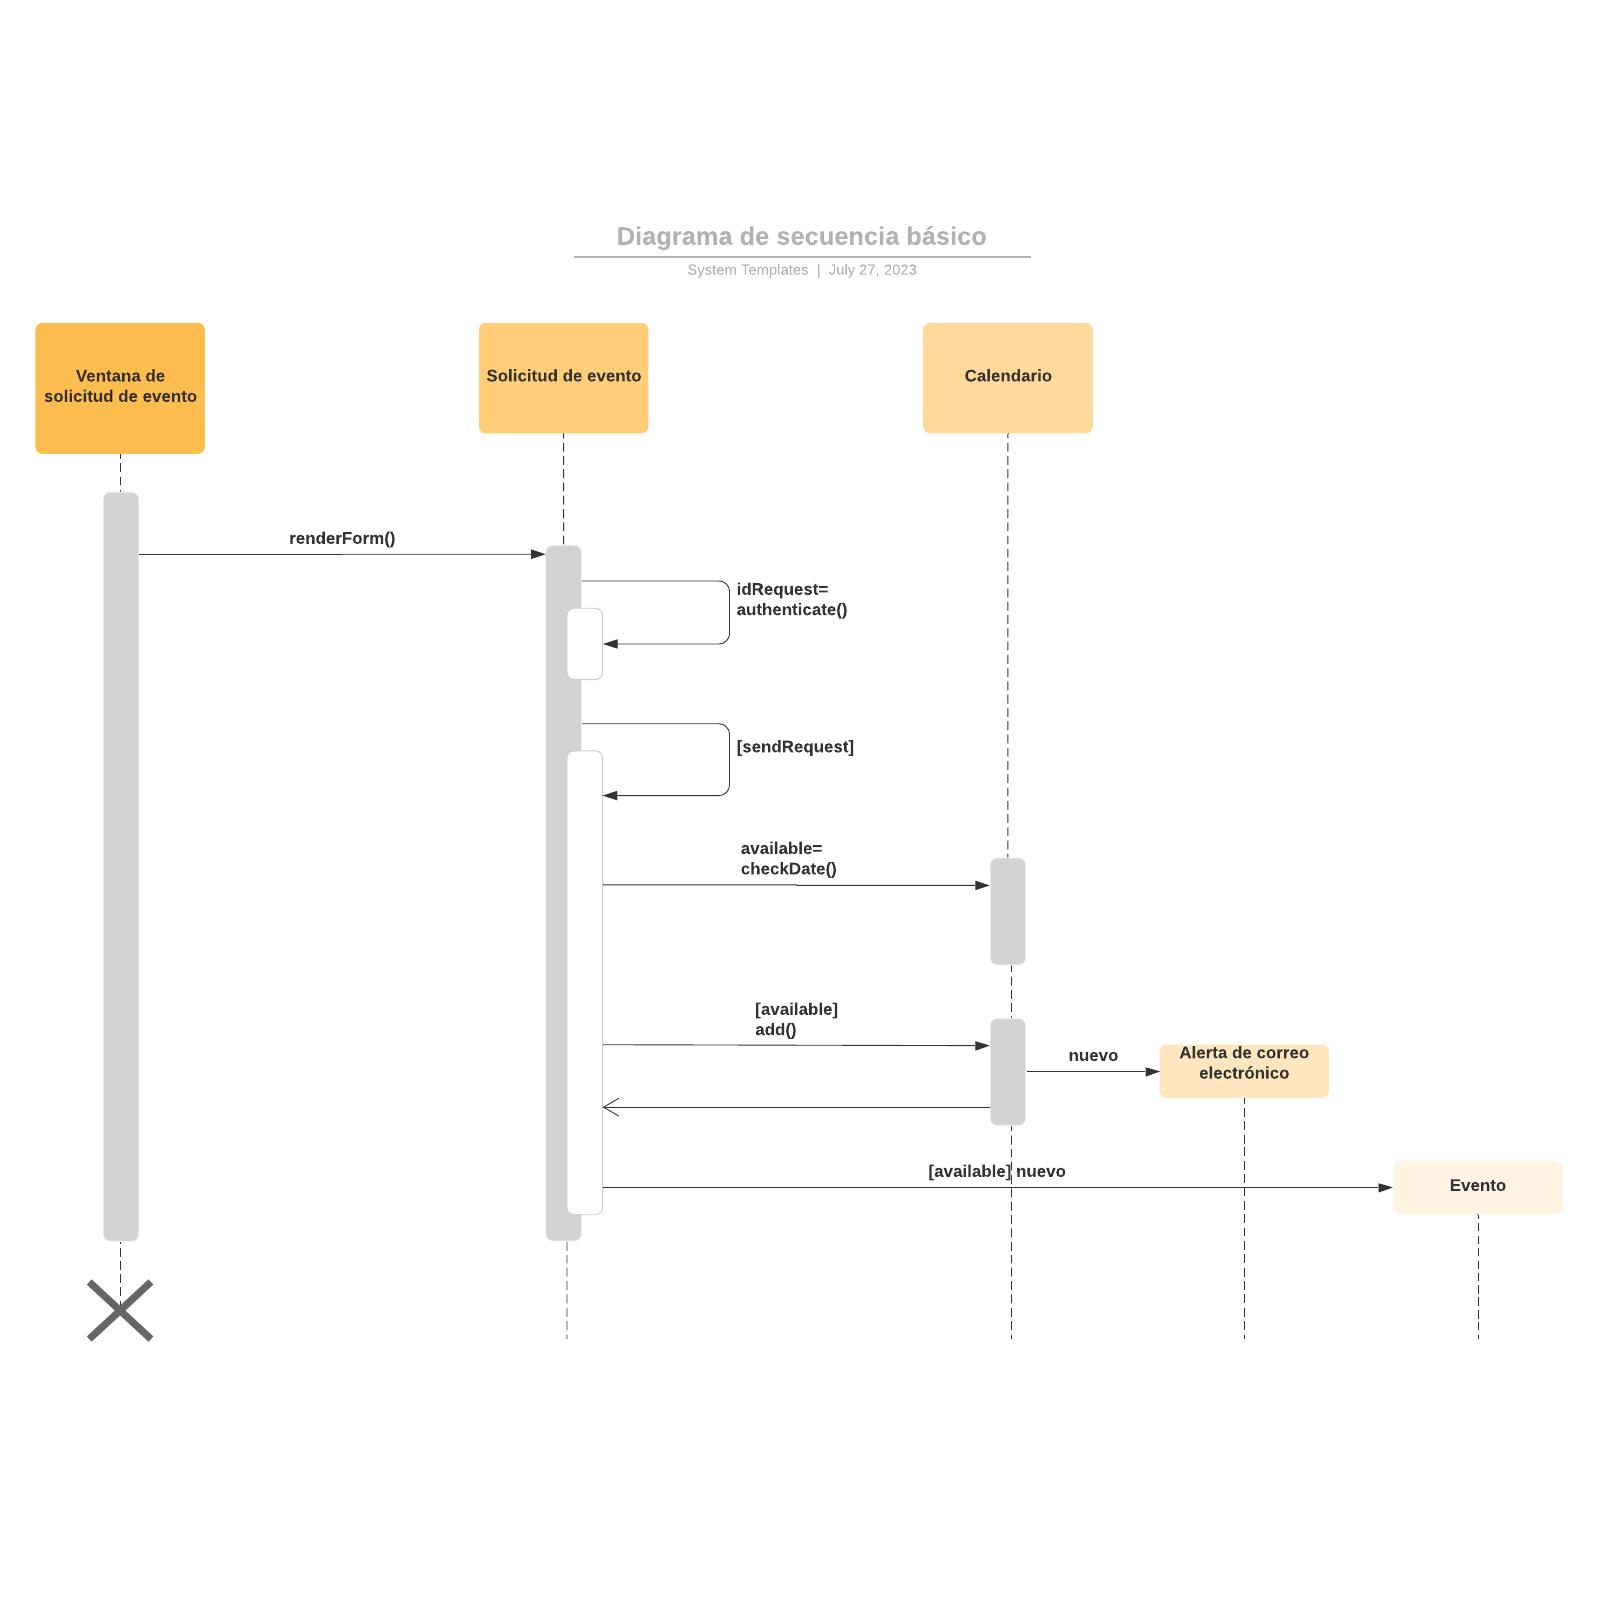 Diagrama de secuencia básico